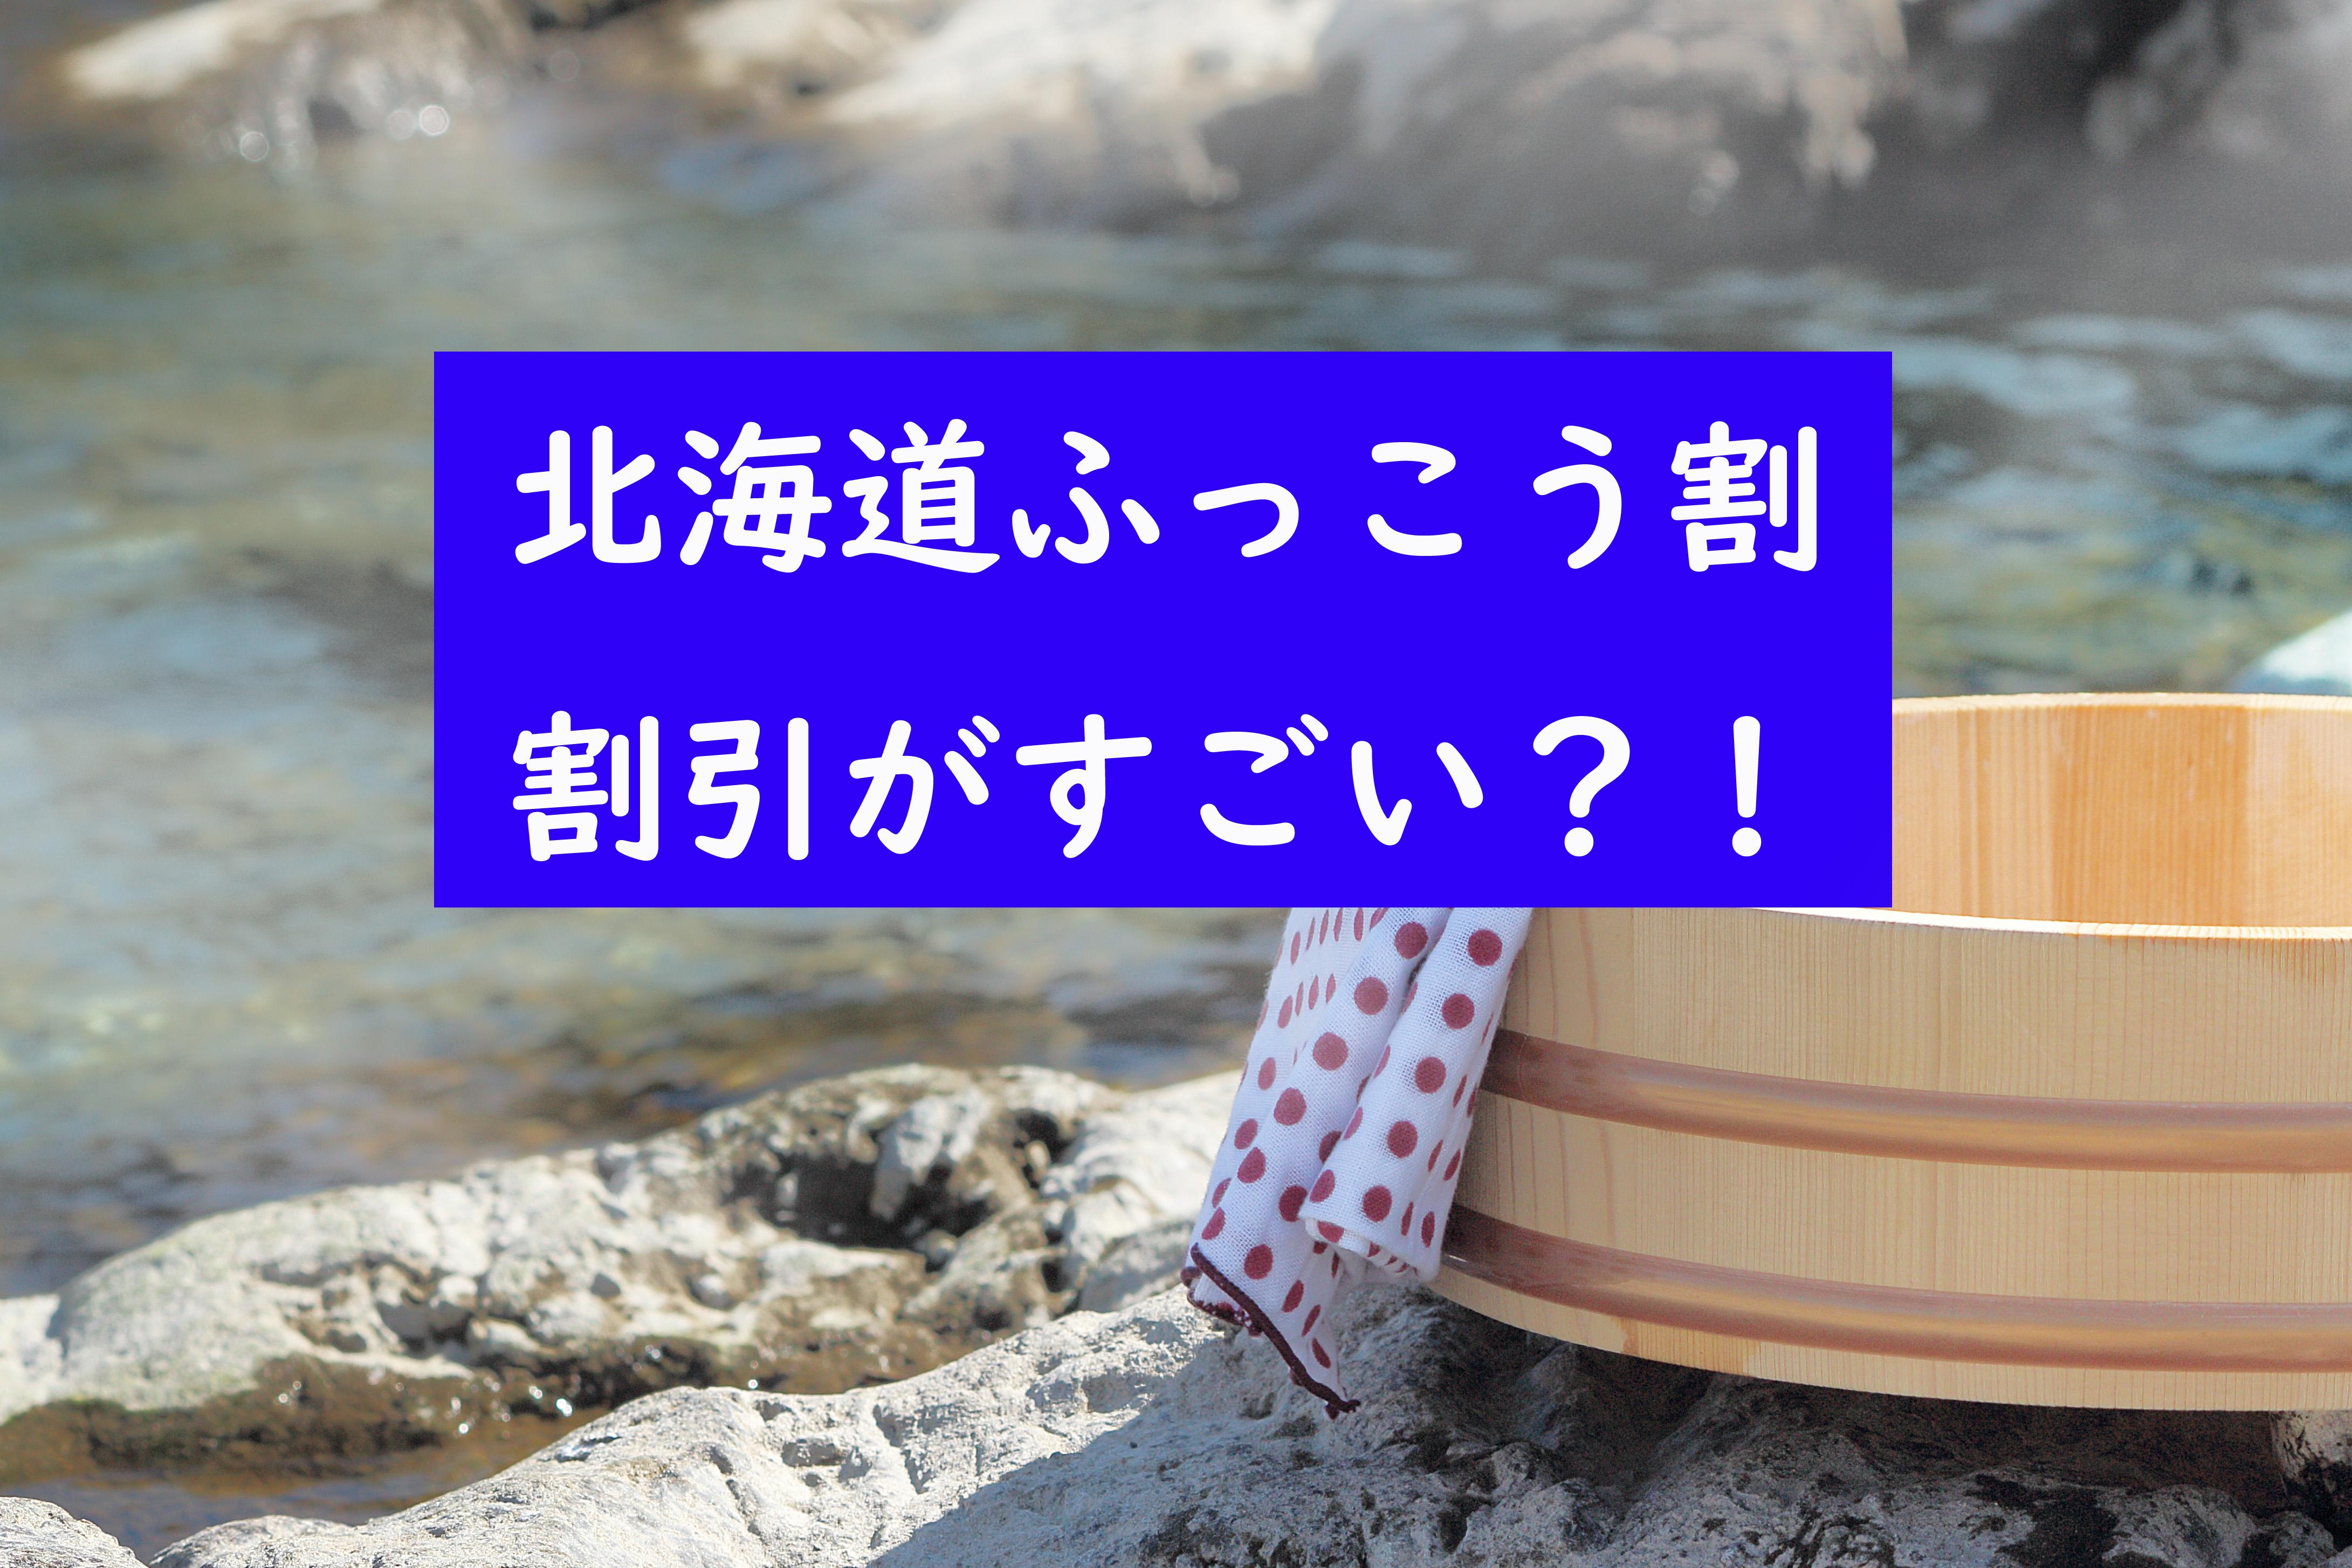 北海道ふっこう割の詳細!割引率は?いつまでやるの?